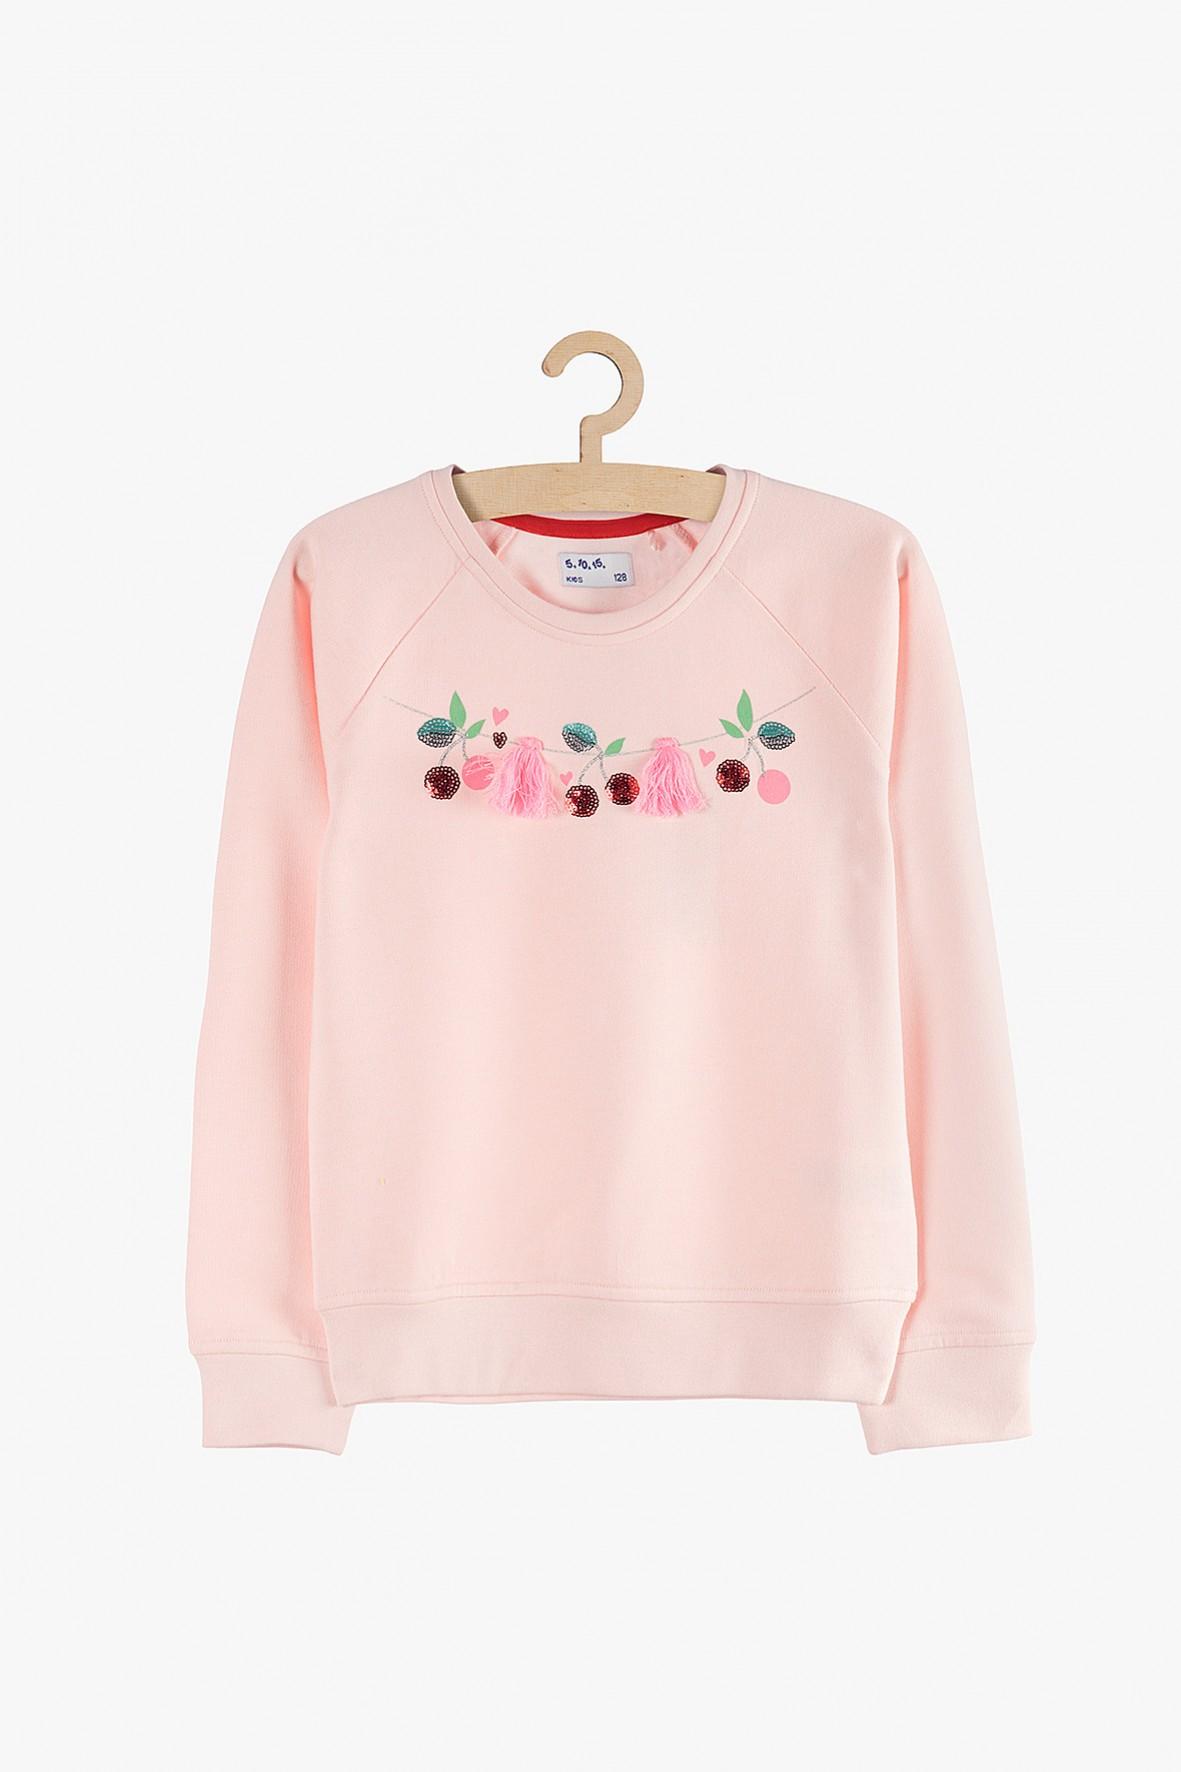 Bluza nierozpinana dziewczęca pastelowy róż